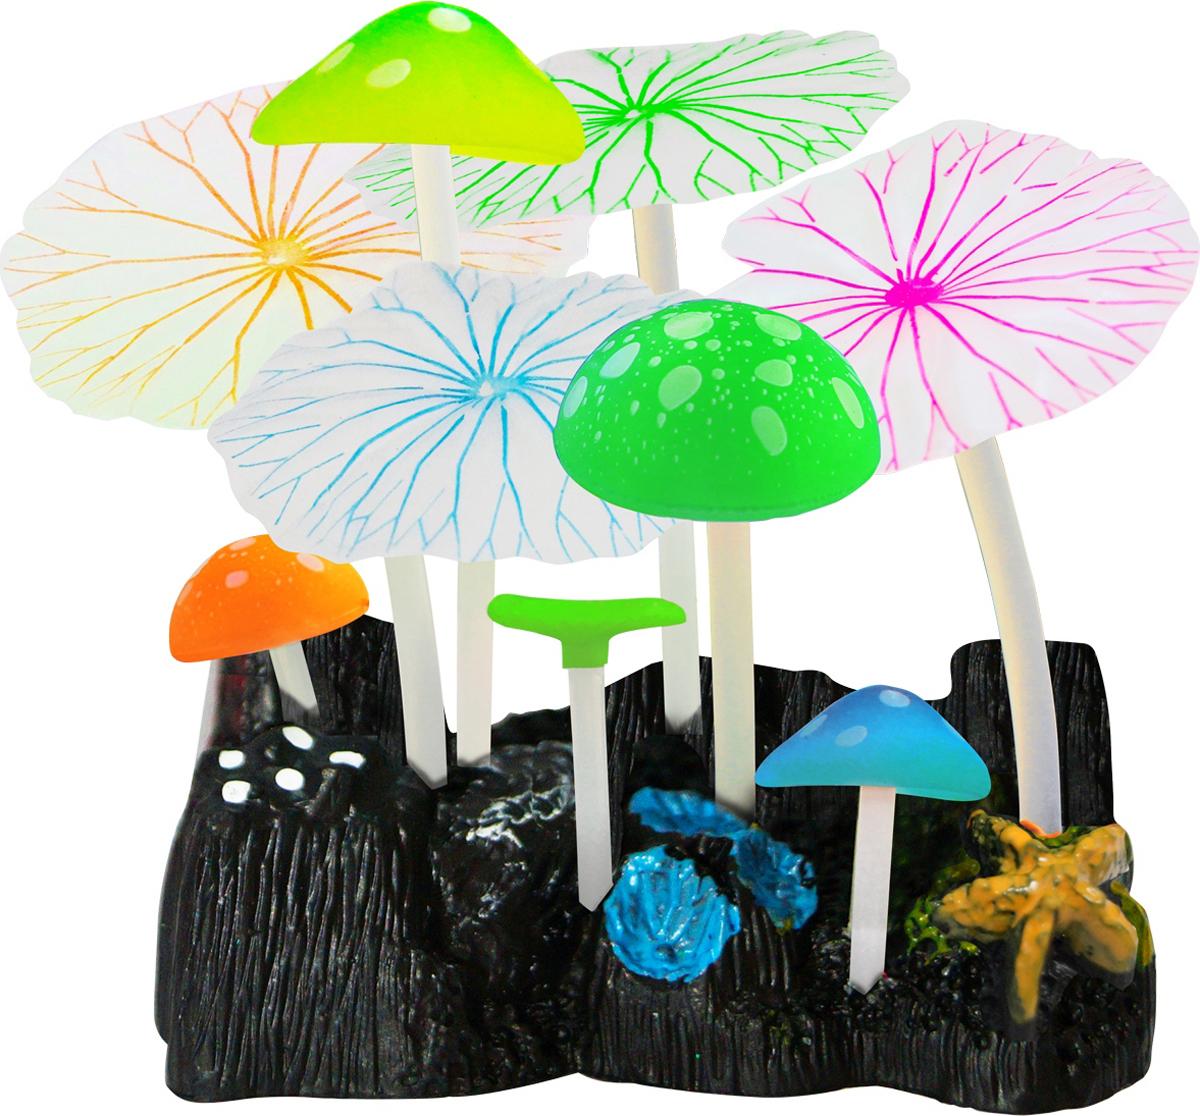 Декорация для аквариума Jelly-Fish Микс из растений, силиконовая, 9 шт. 8239 декор для аквариумов jellyfish микс из растений силикон листья лотоса 2шт грибы 2шт 7х3 5х10см